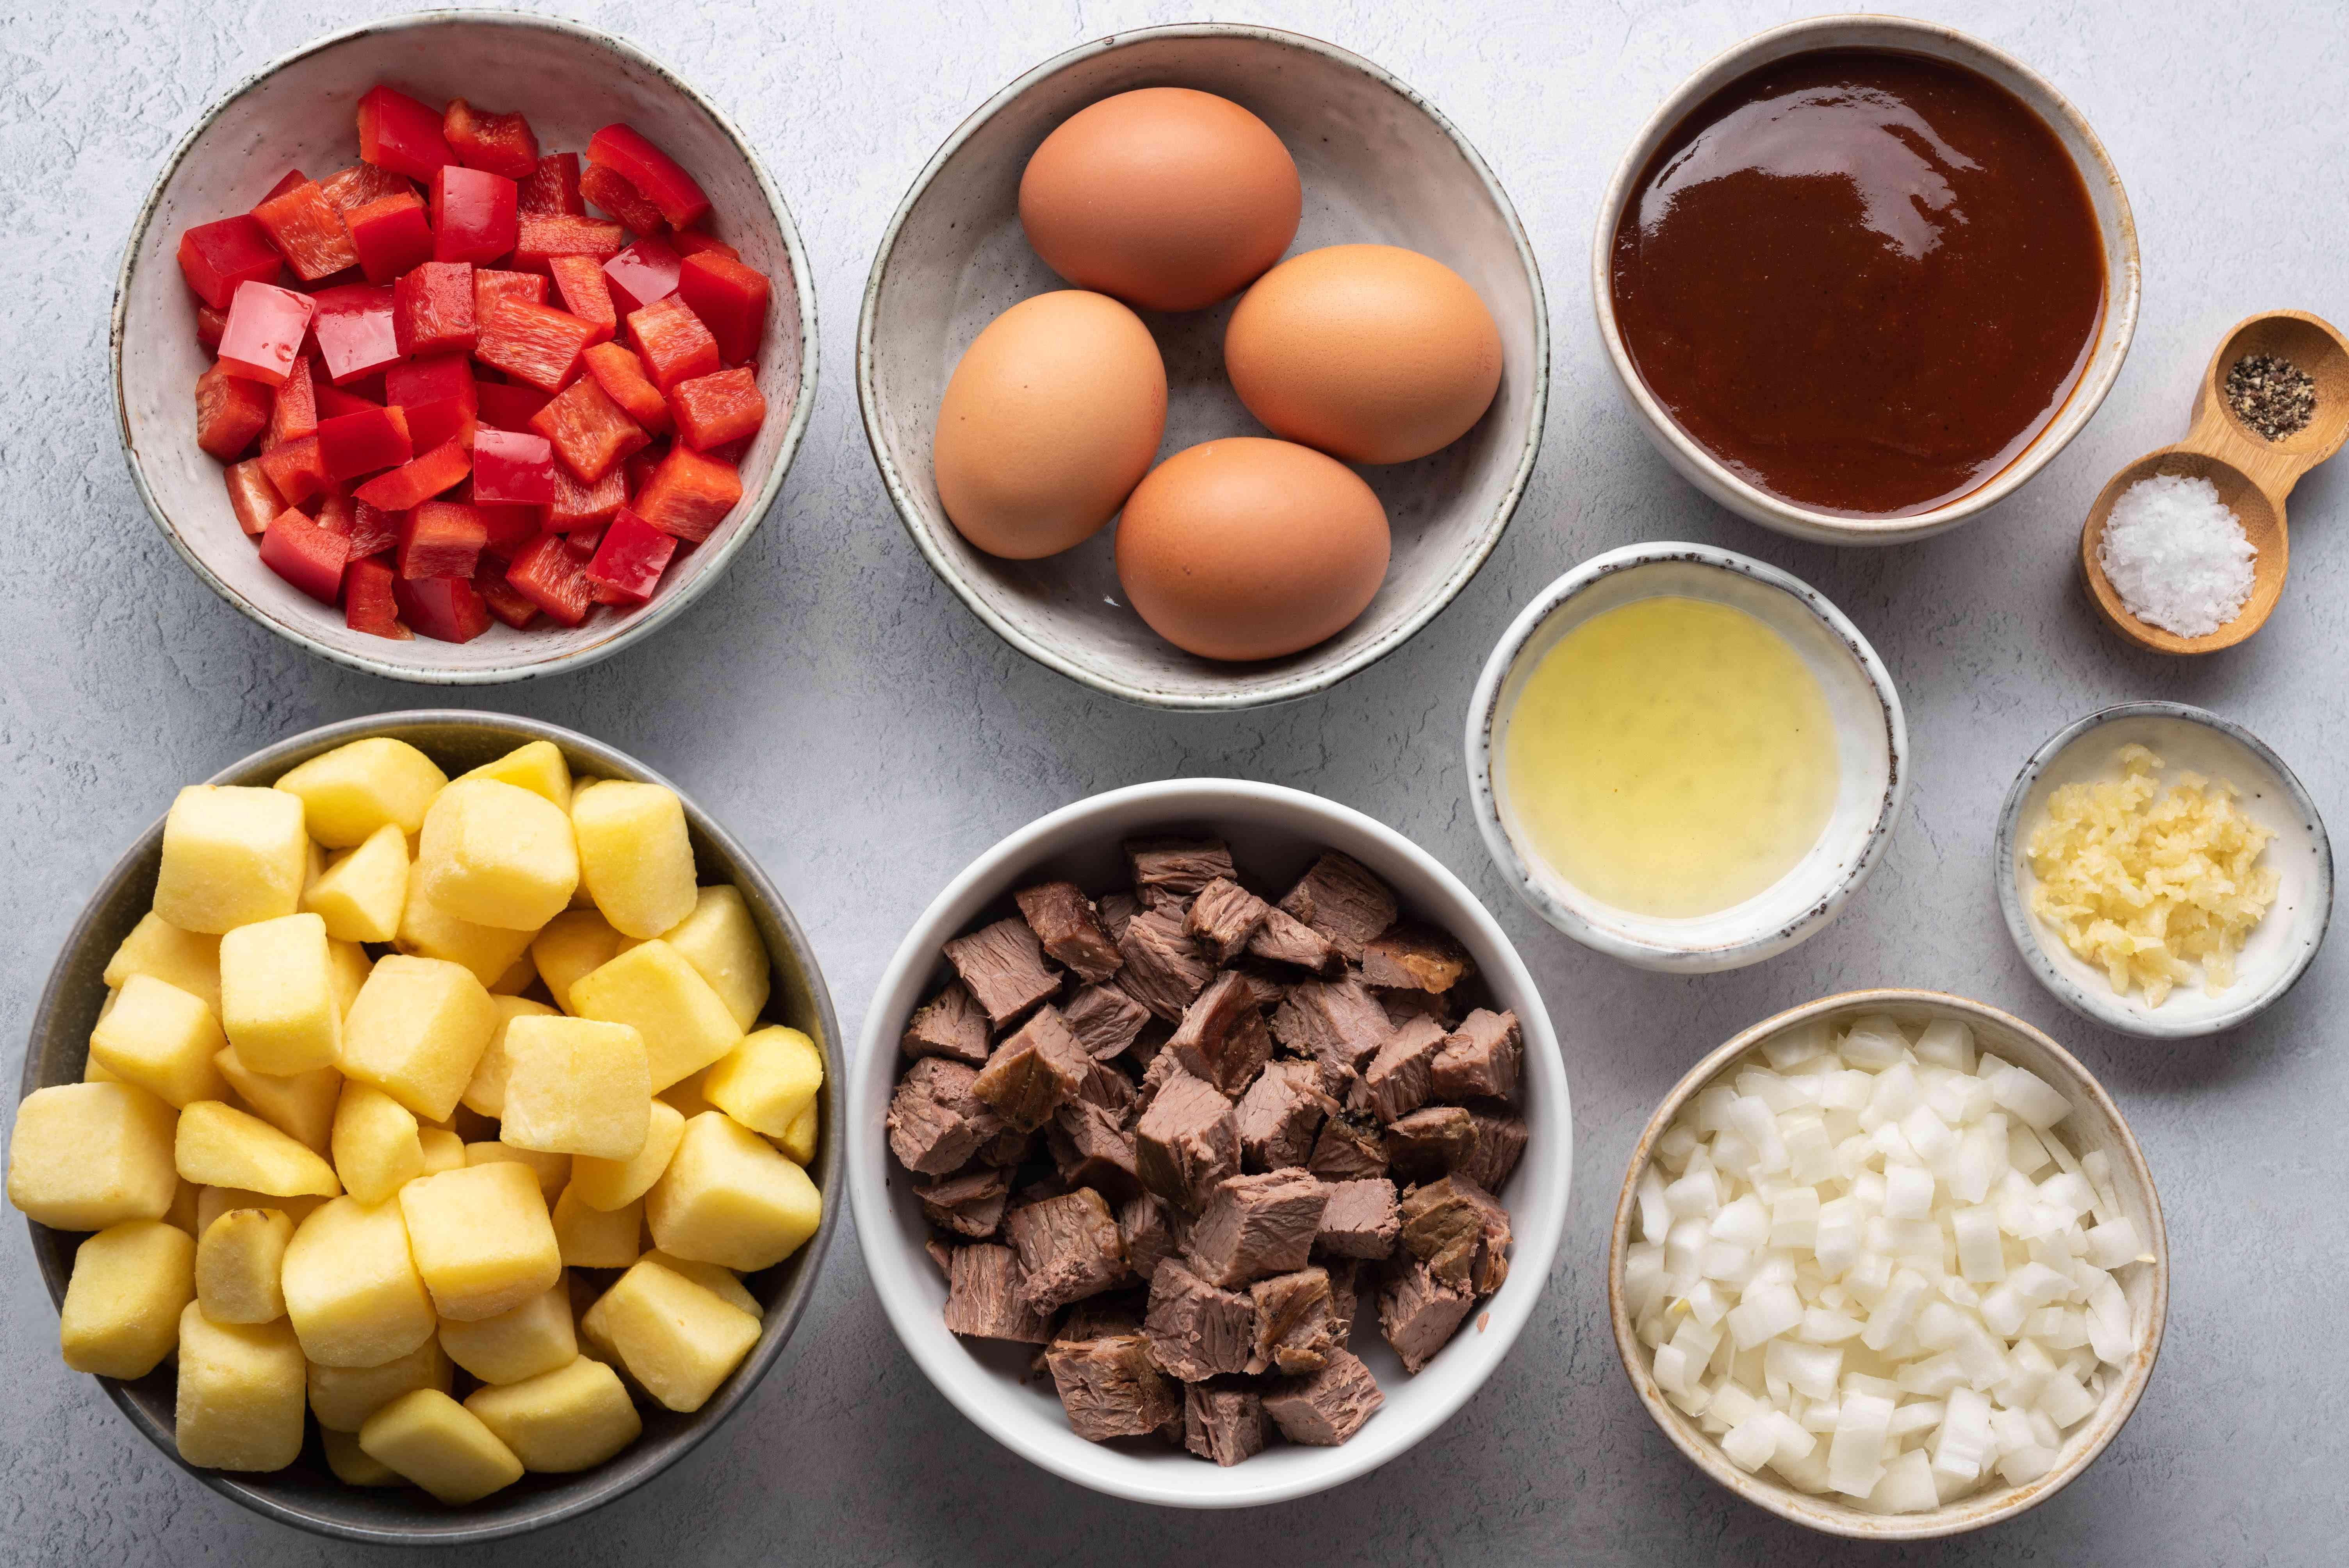 Brisket Hash and Eggs ingredients